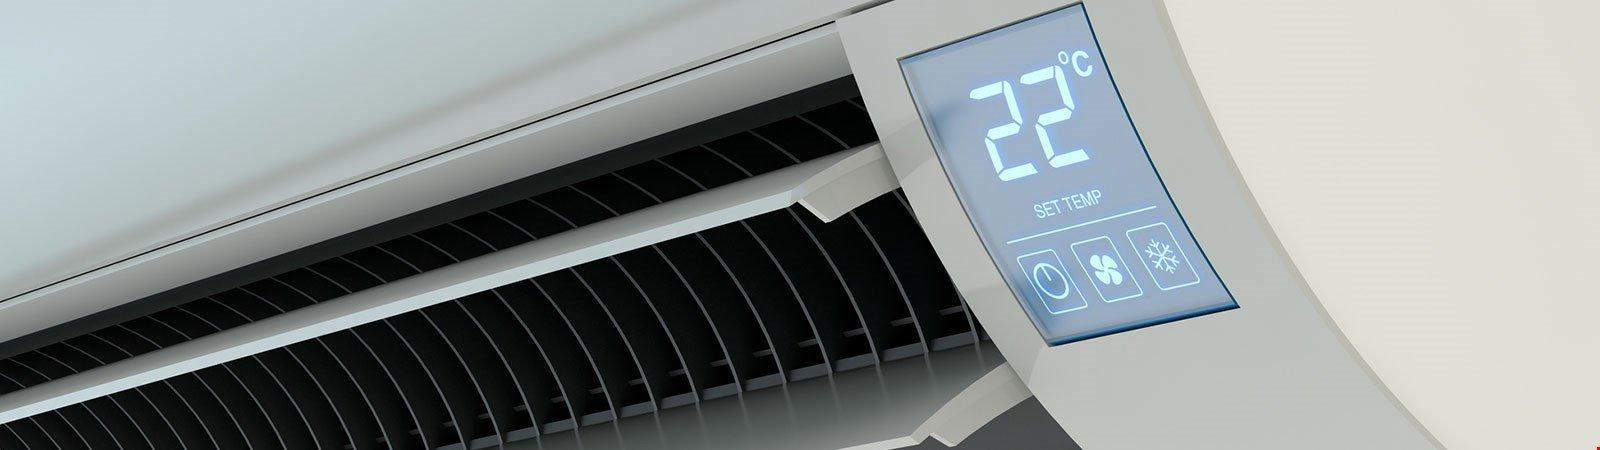 Stromverbrauch mit Klimaanlage: Kühle Brise ohne Kostenfalle